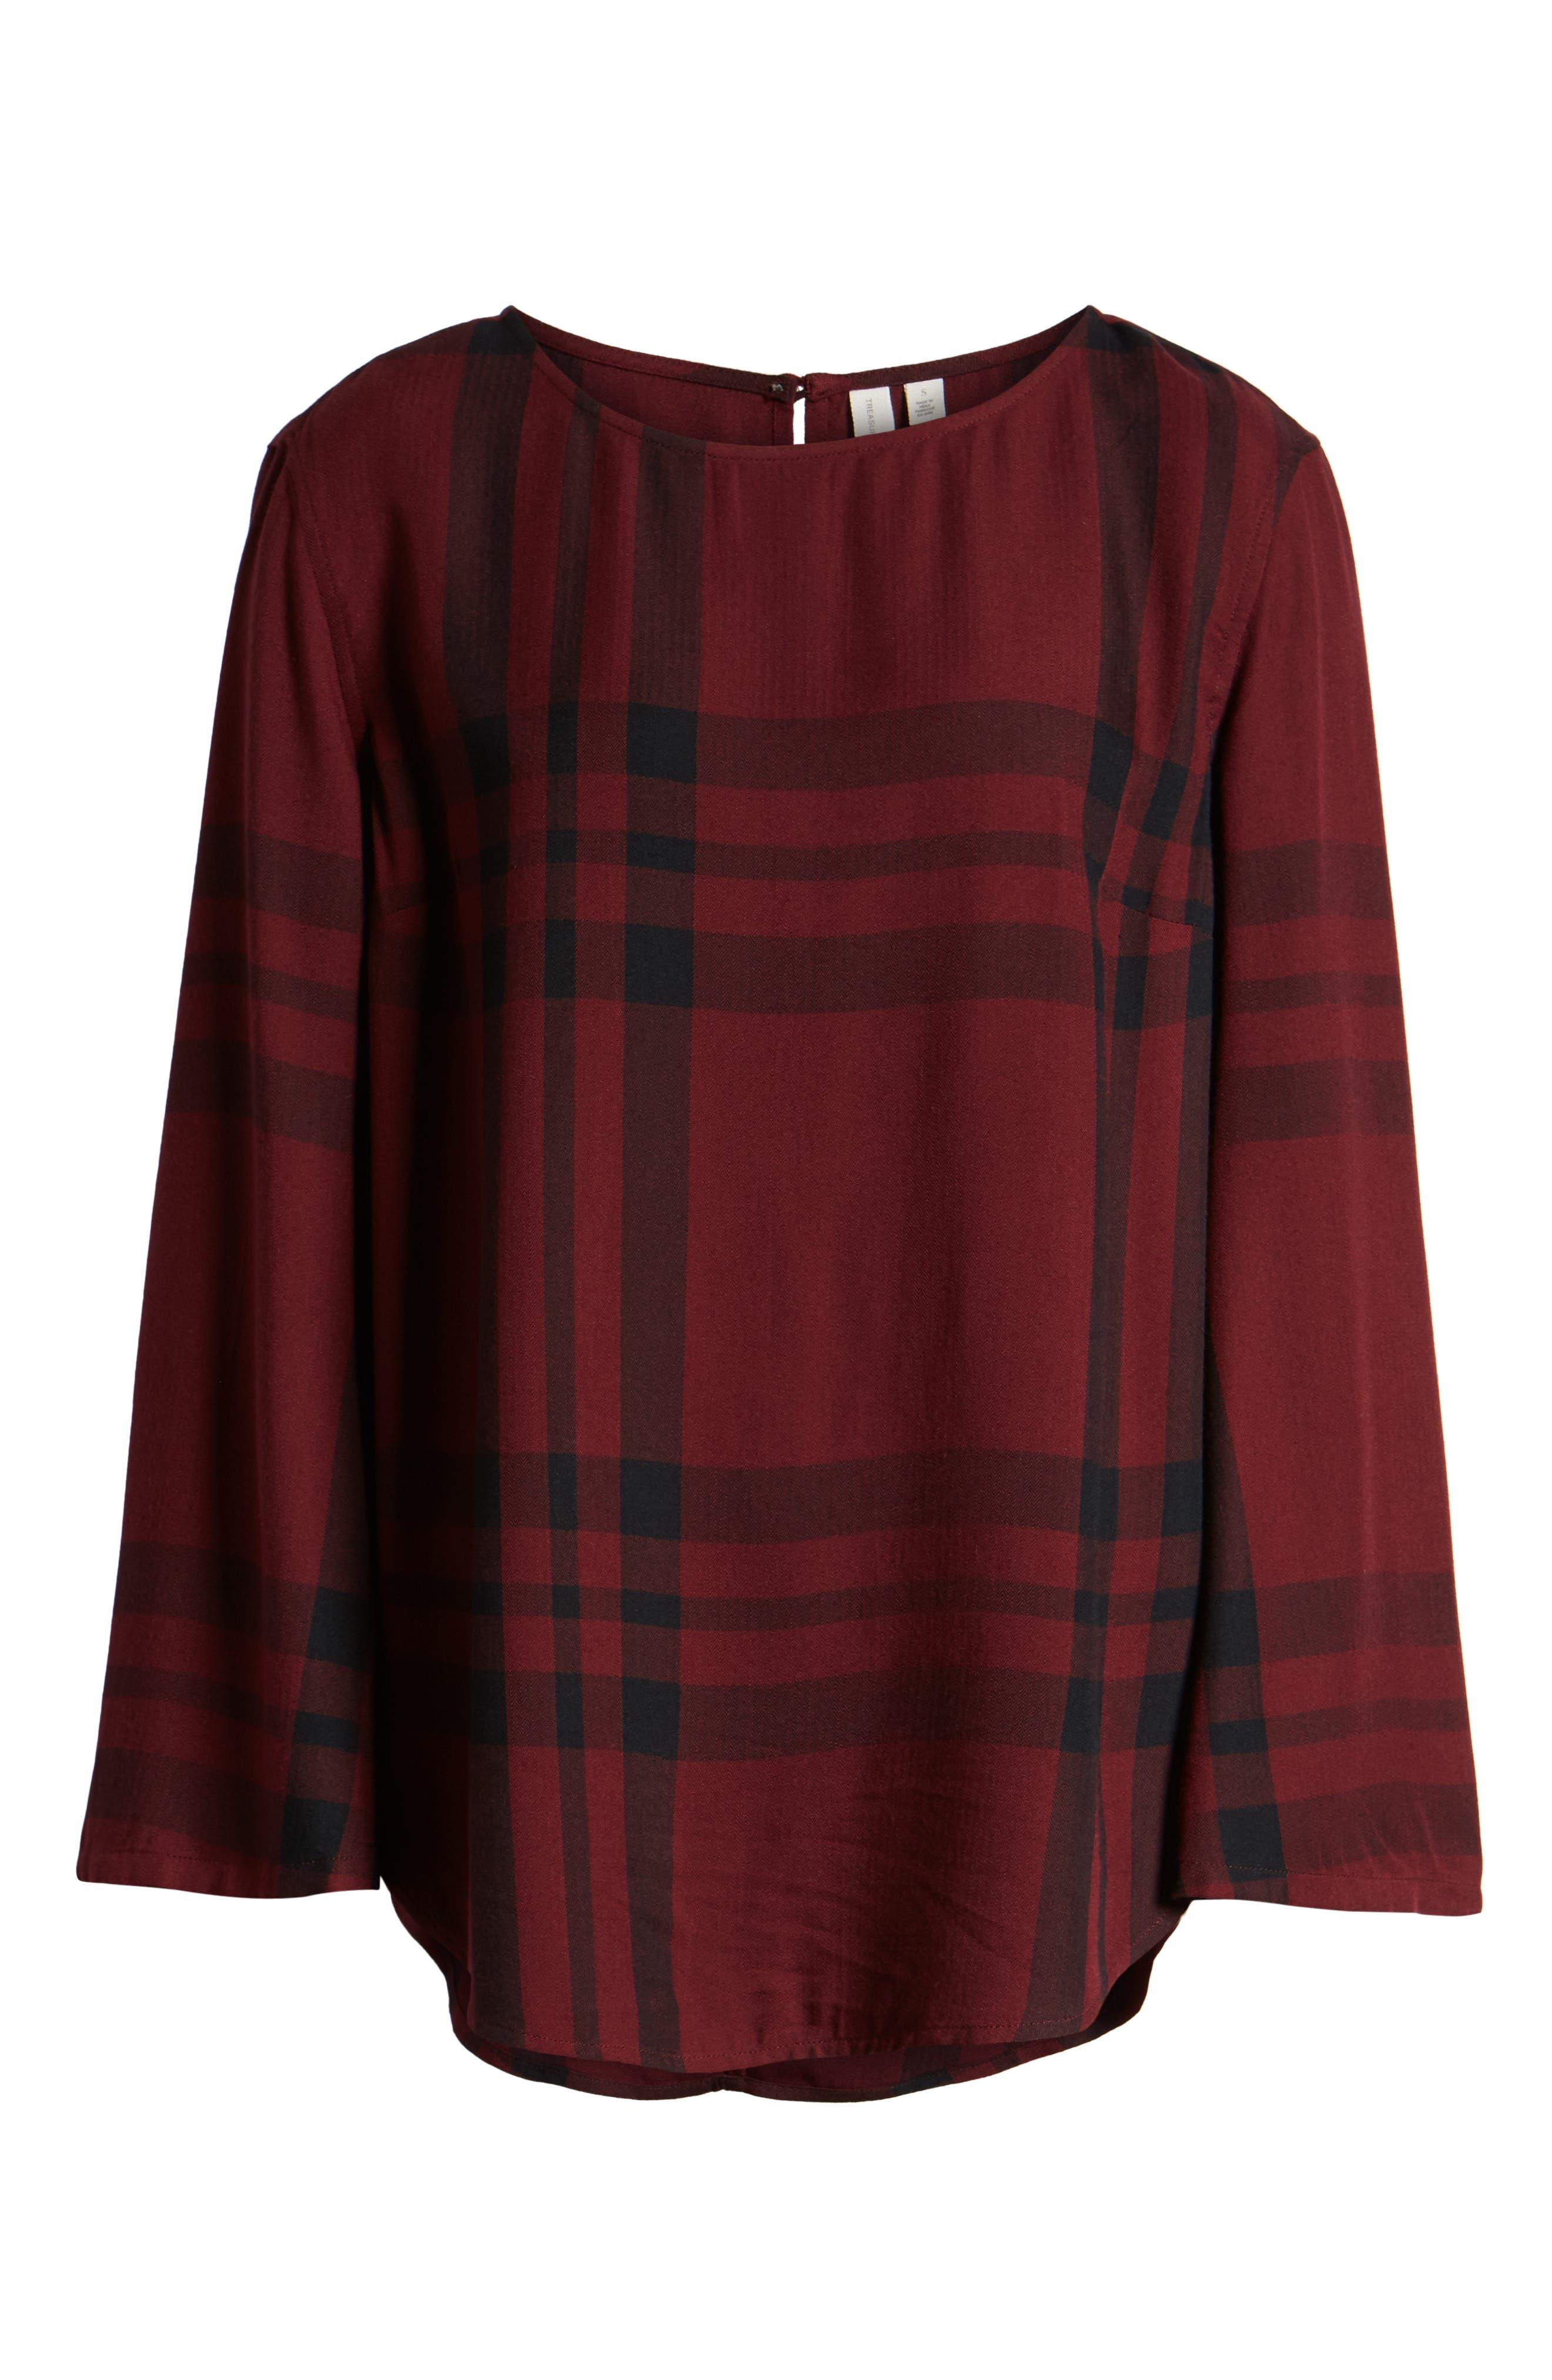 Bell Sleeve Shirt,                             Alternate thumbnail 6, color,                             RED TANNIN BULLSEYE PLAID